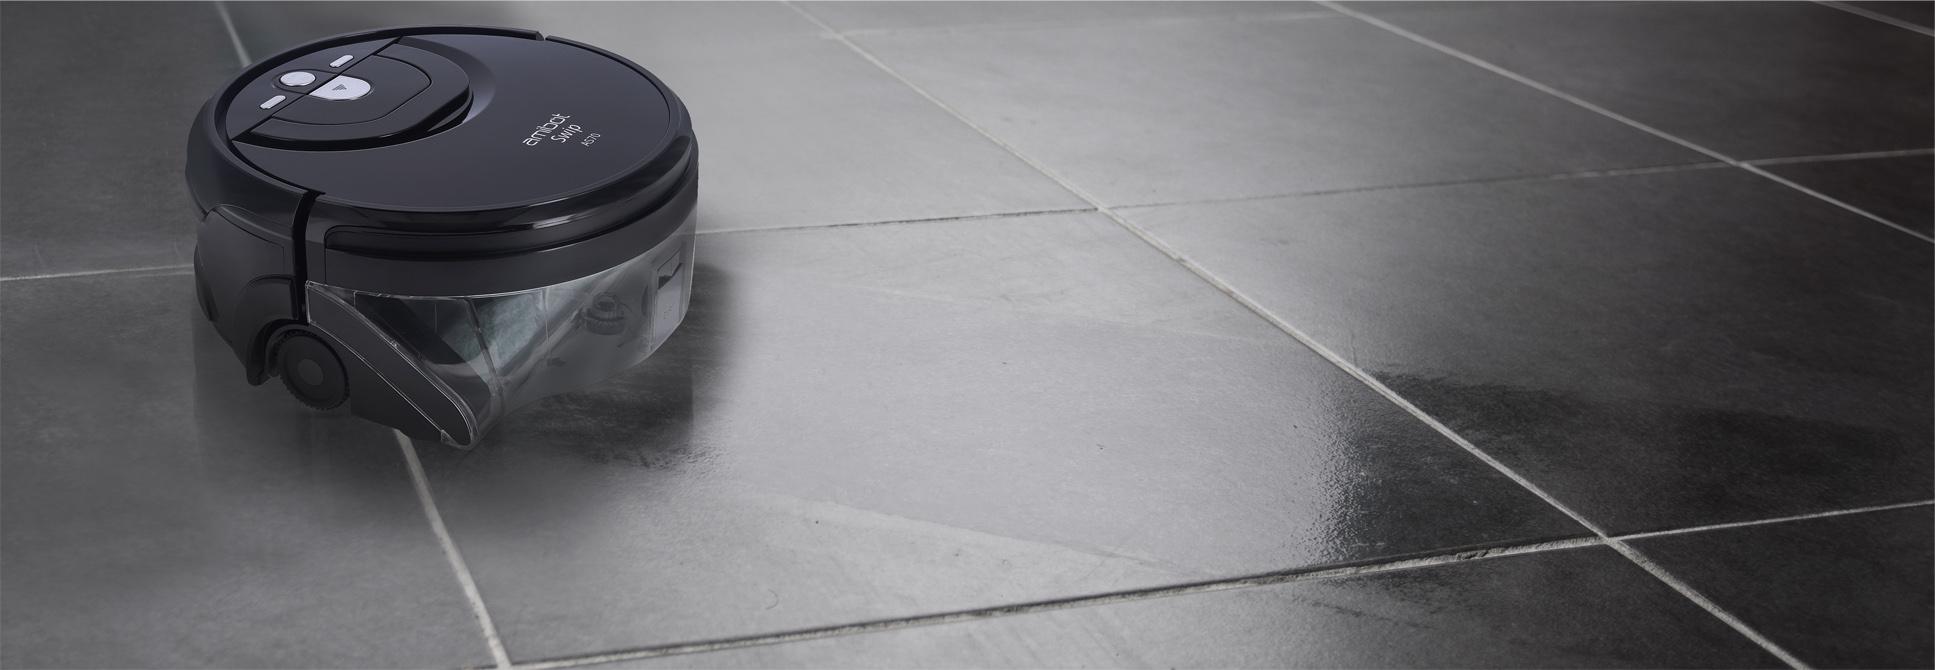 AMIBOT Swip AS70 Robot laveur de sols durs